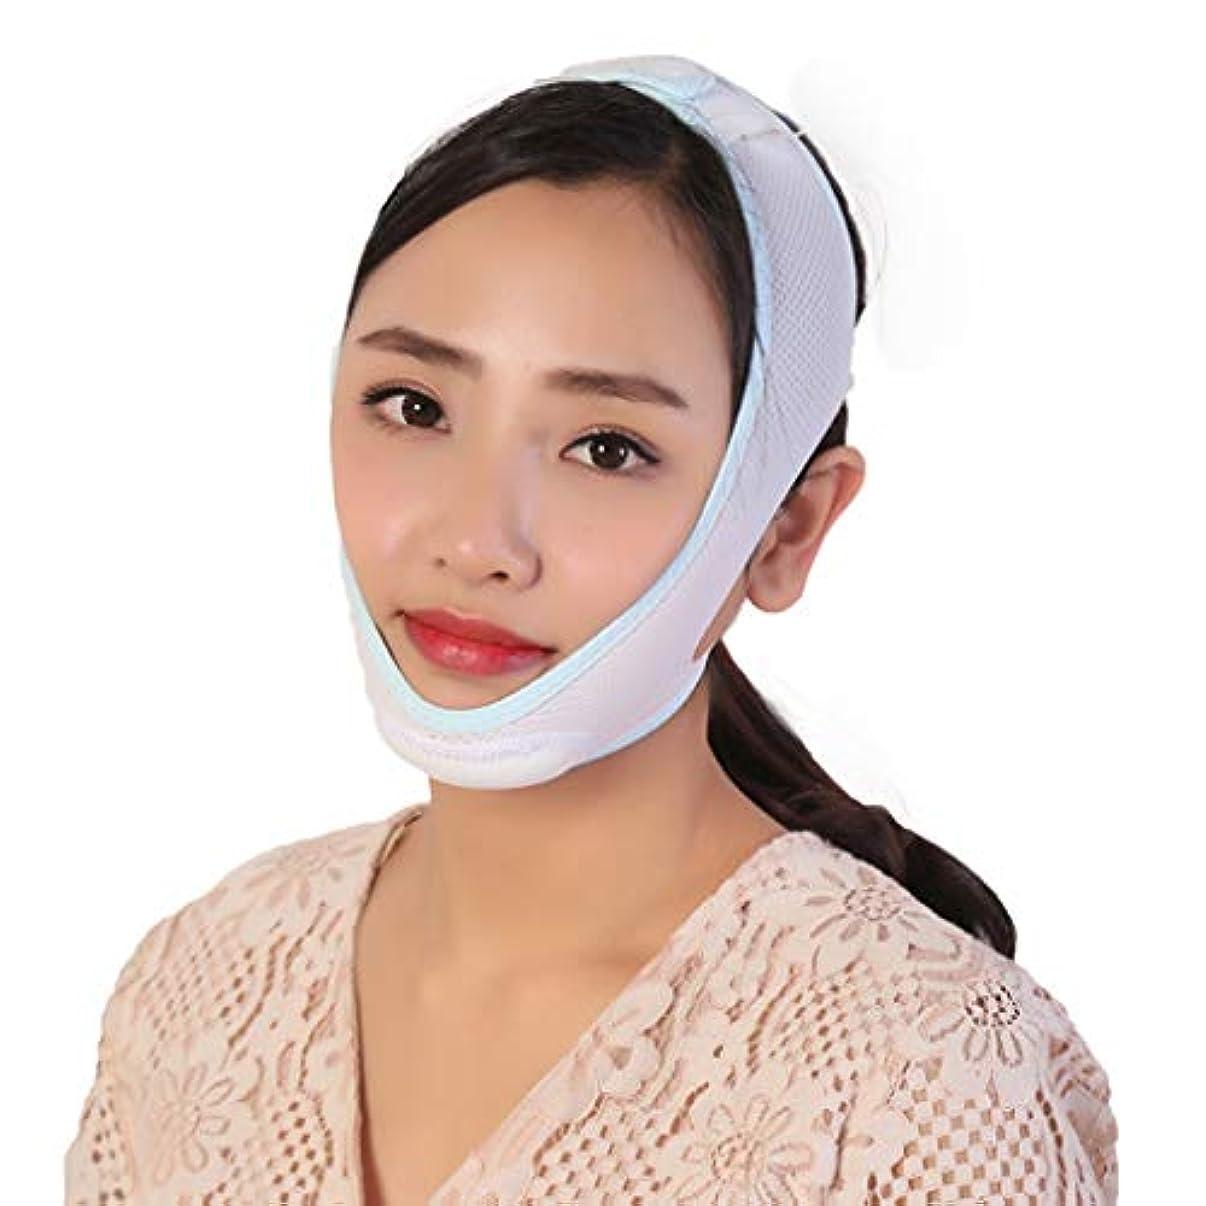 植生ベーカリートラップ顔の顔を持ち上げる顔のマスクを改善するために快適な顔面曲線包括的通気性包帯